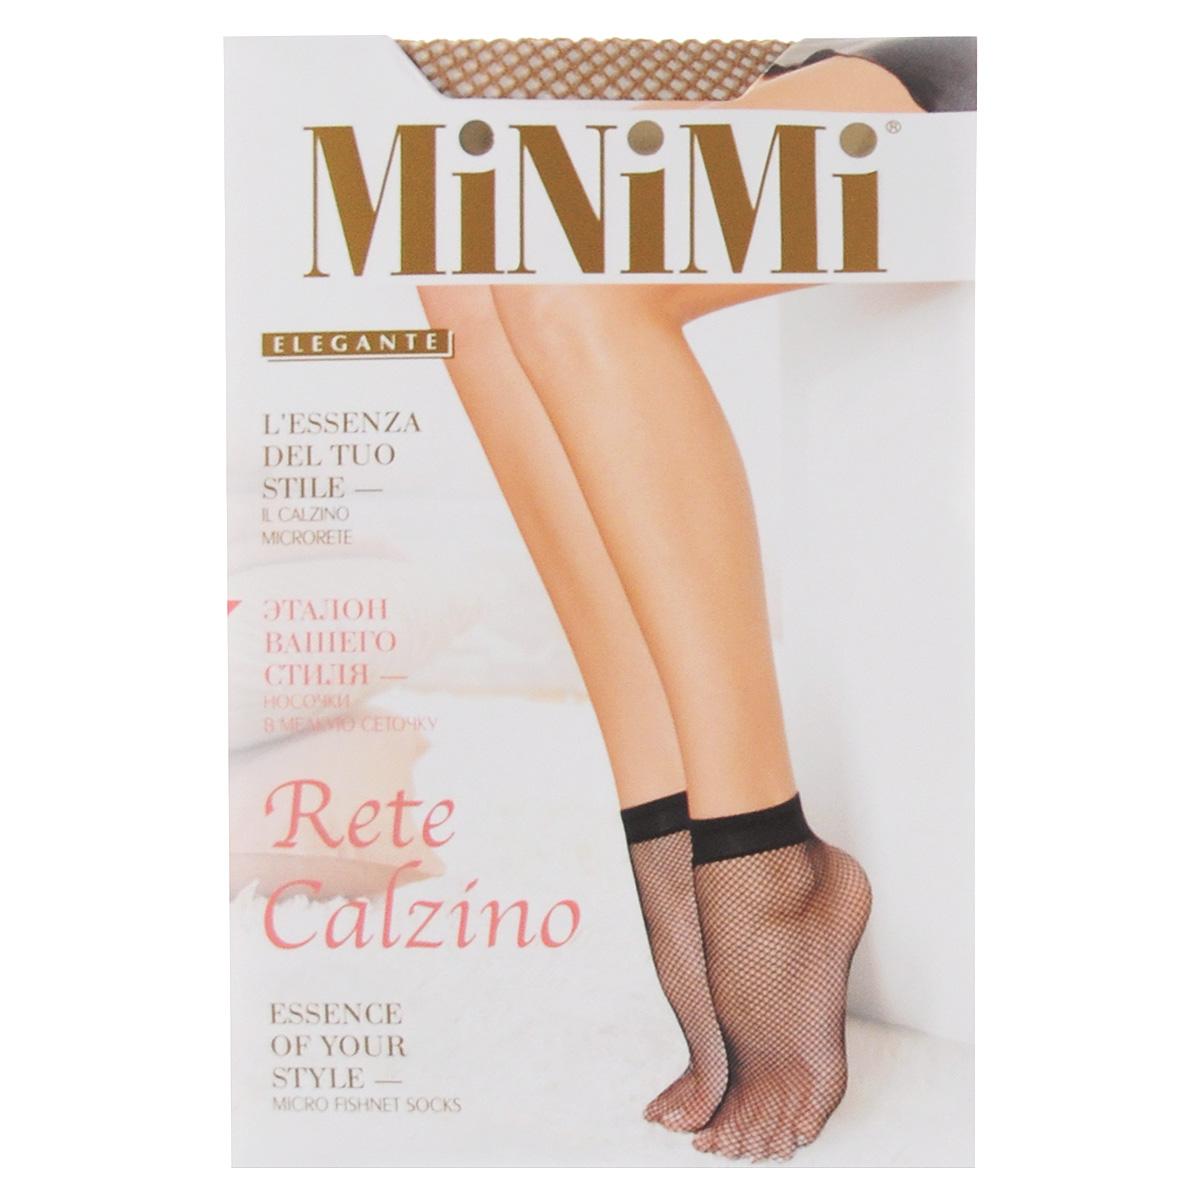 Носки женские Minimi Rete Calzino, цвет: Daino (загар). Размер универсальныйcalz. RETEМодные эластичные носки Minimi Rete Calzino в мелкую сеточку с укрепленным мыском.